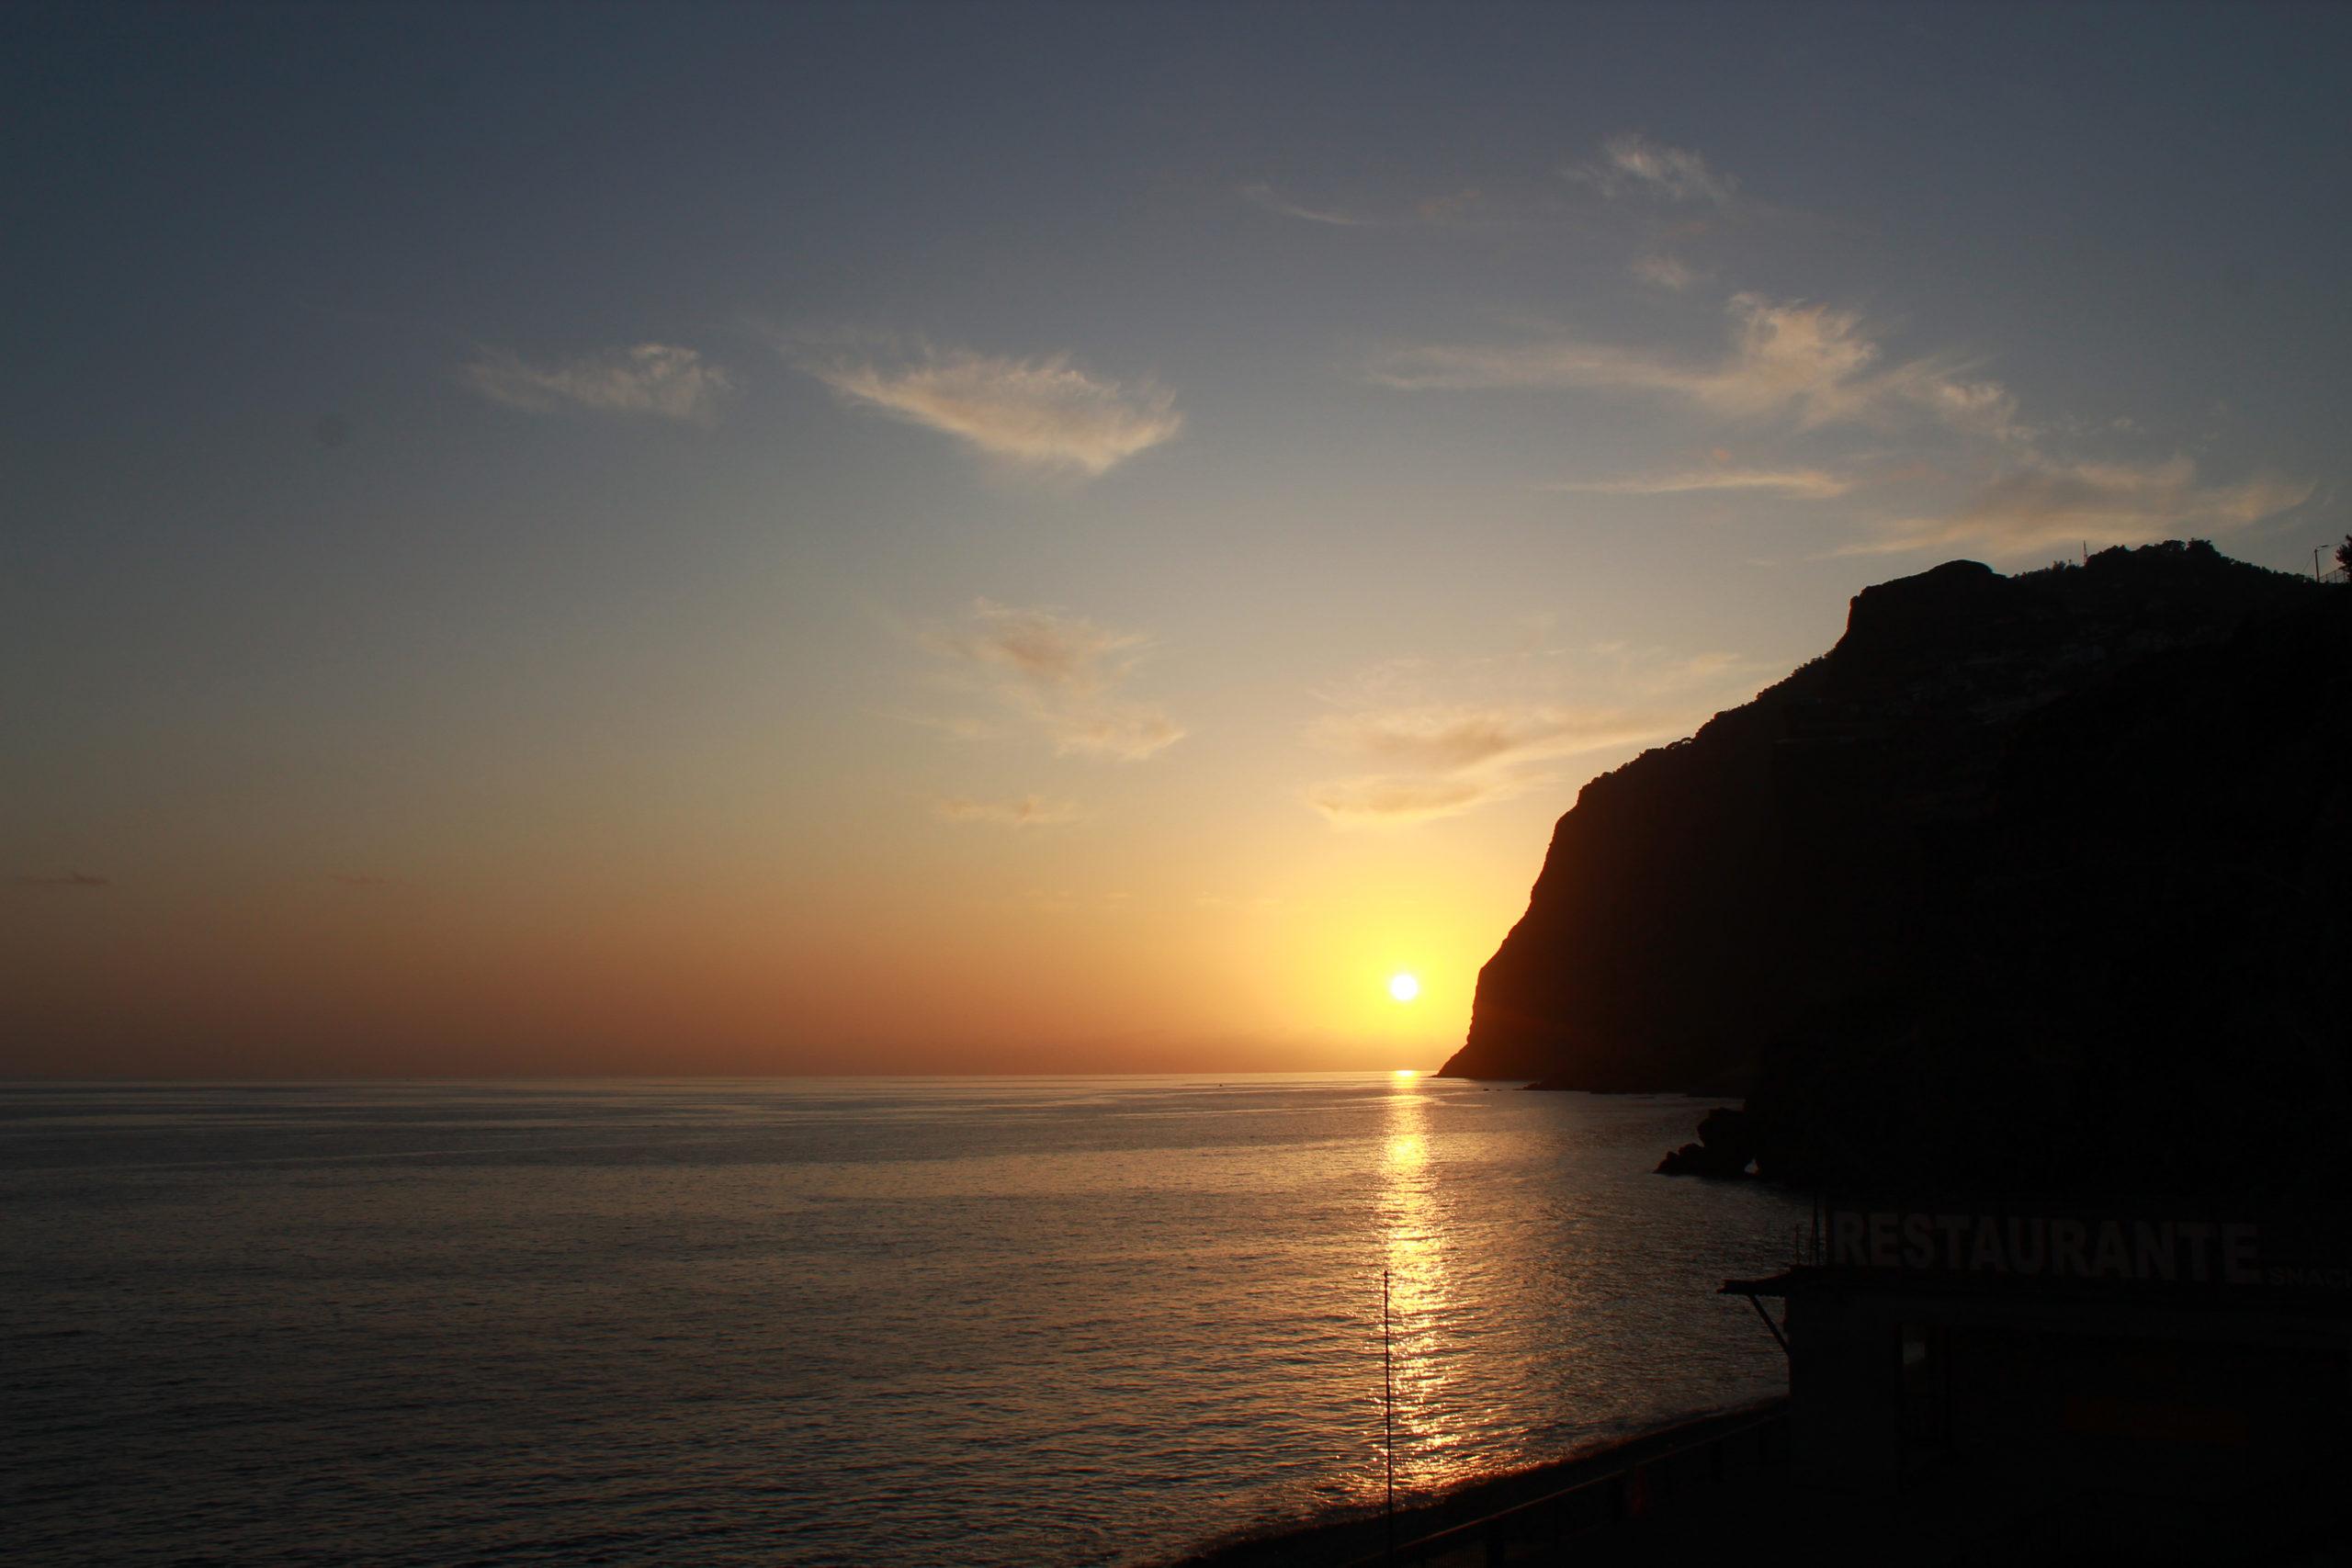 madera widok na ocean i zachodzące słońca